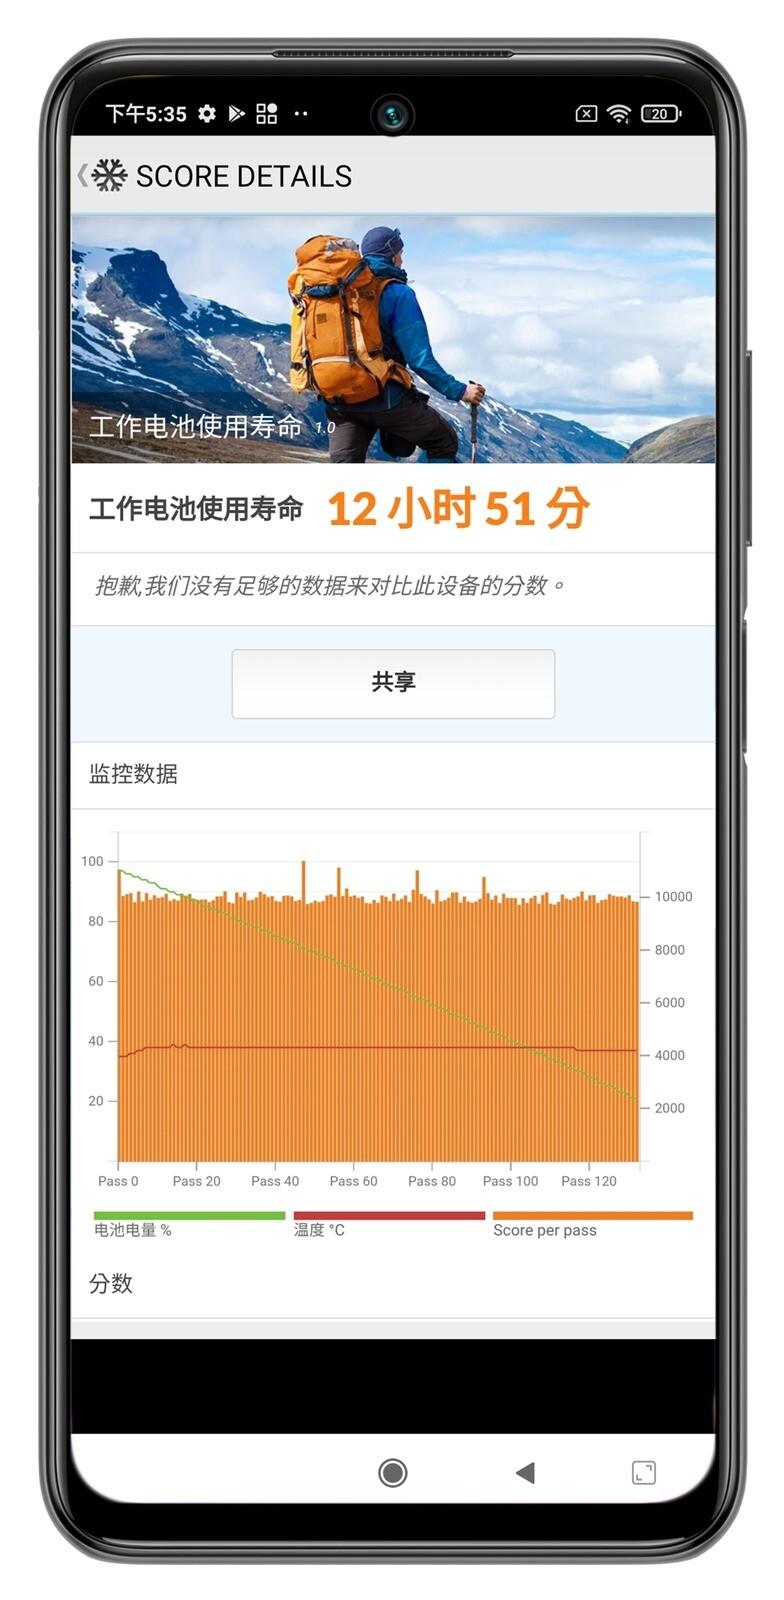 Screenshot_2021-06-14-17-35-04-983_lockscreen.jpg @3C 達人廖阿輝